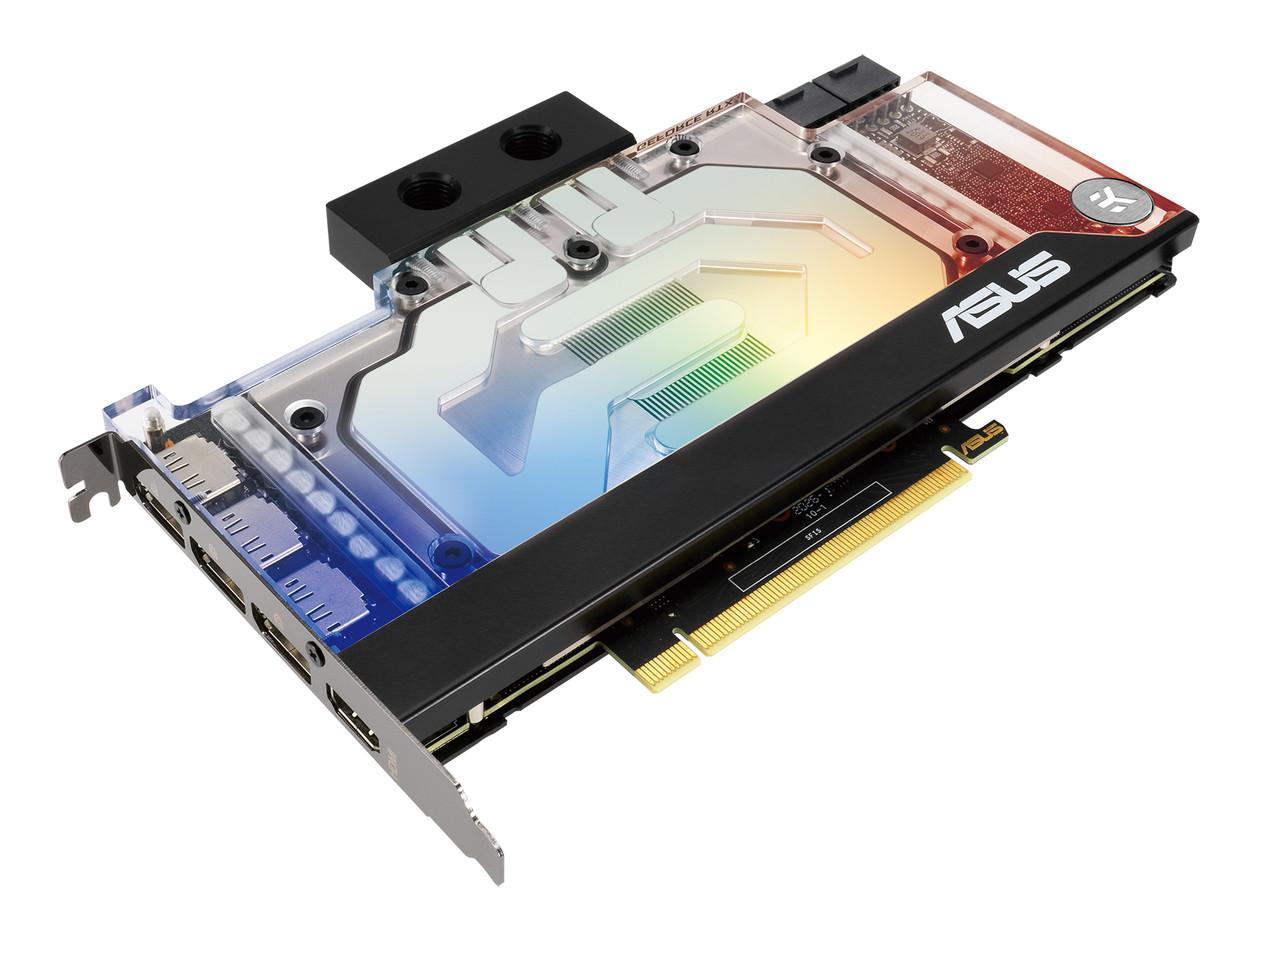 Видеокарта  Asus RTX 3080 [RTX3080-10G-EK] без LHR, 10 GB